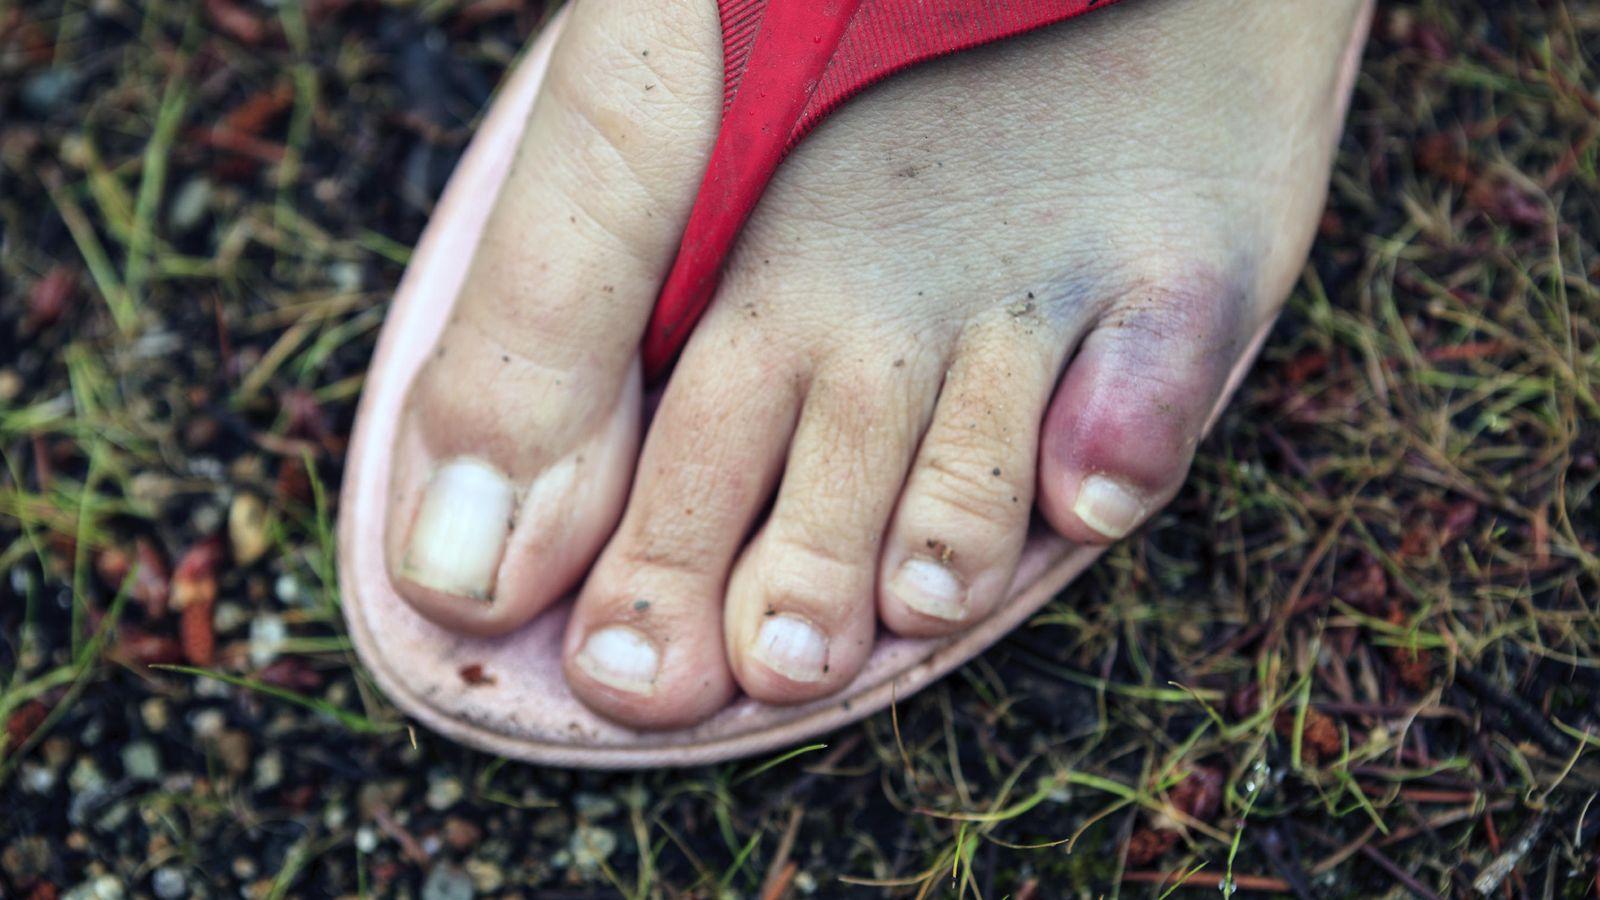 a85e1f31 Salud: ¿Comodidad? Por qué las chanclas y las sandalias te pueden ...